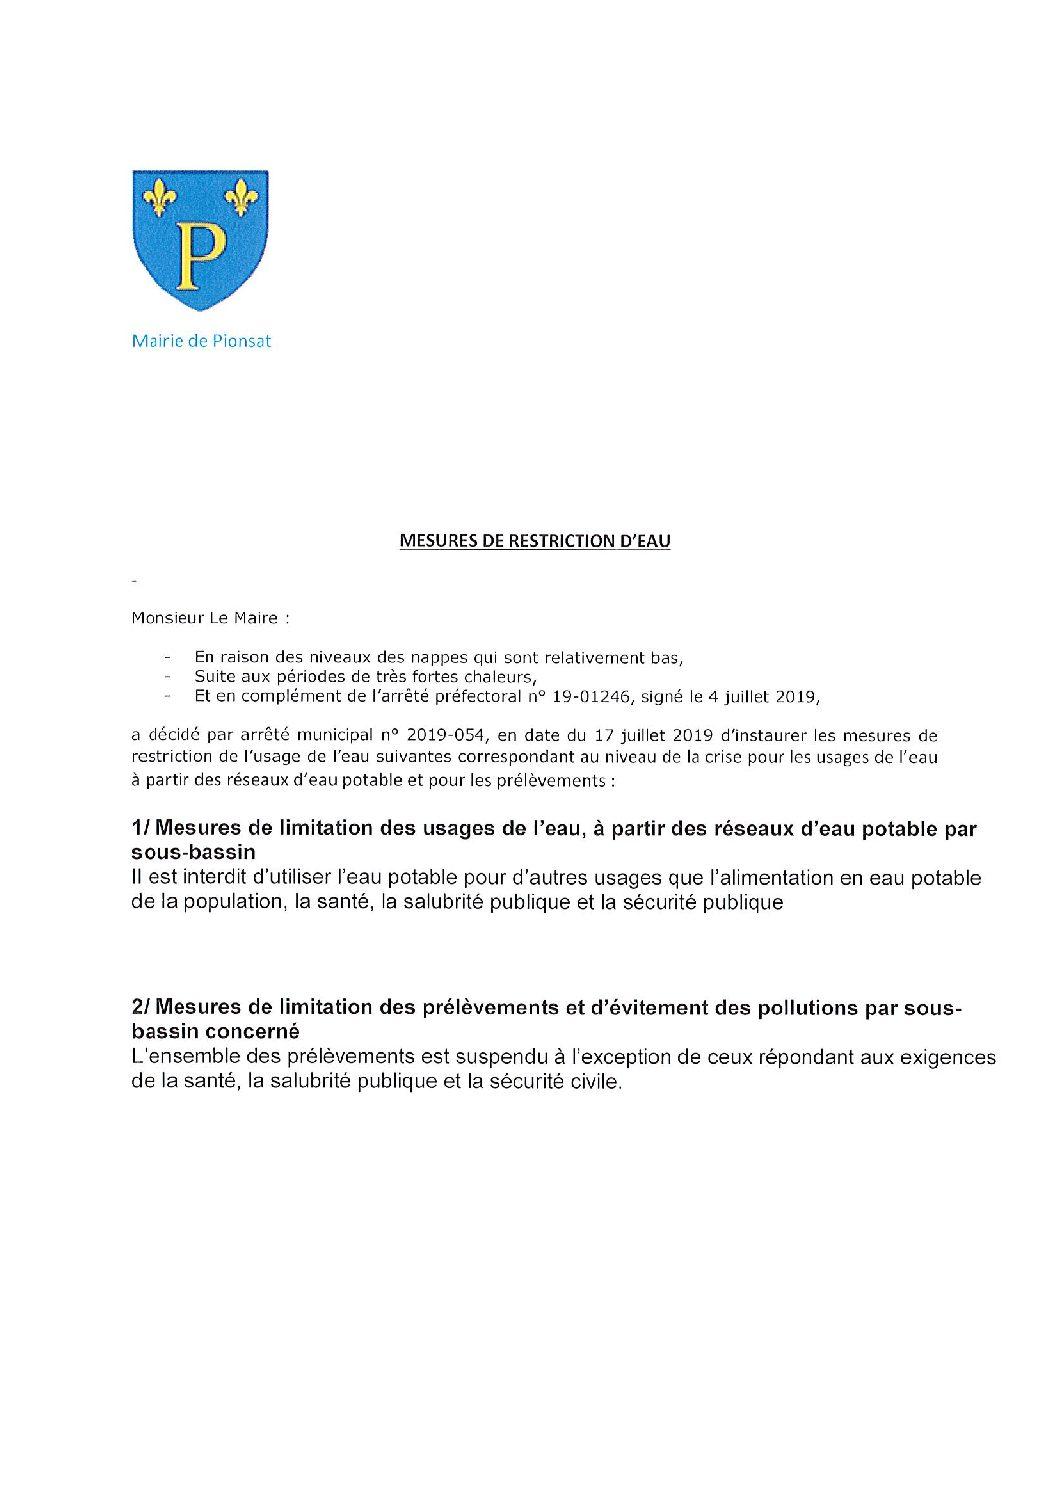 MESURES DE RESTRICTION DE L'USAGE DE L'EAU